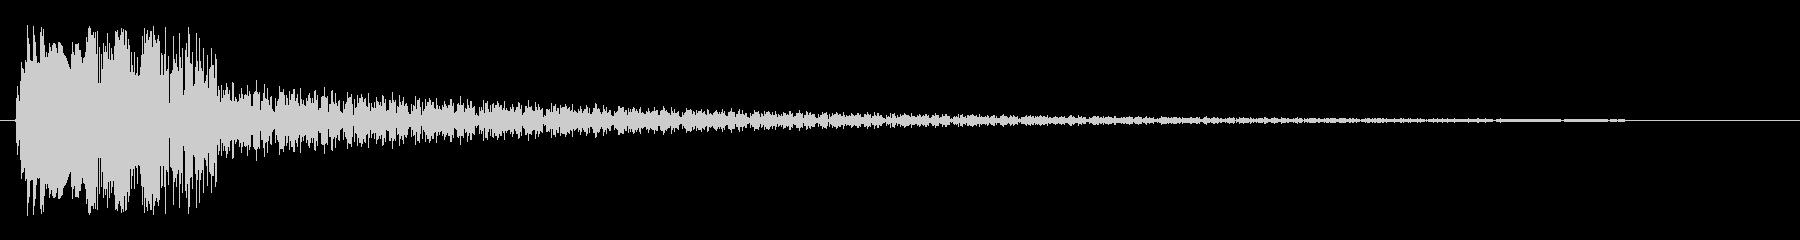 ピビューン(レーザービームの音)の未再生の波形